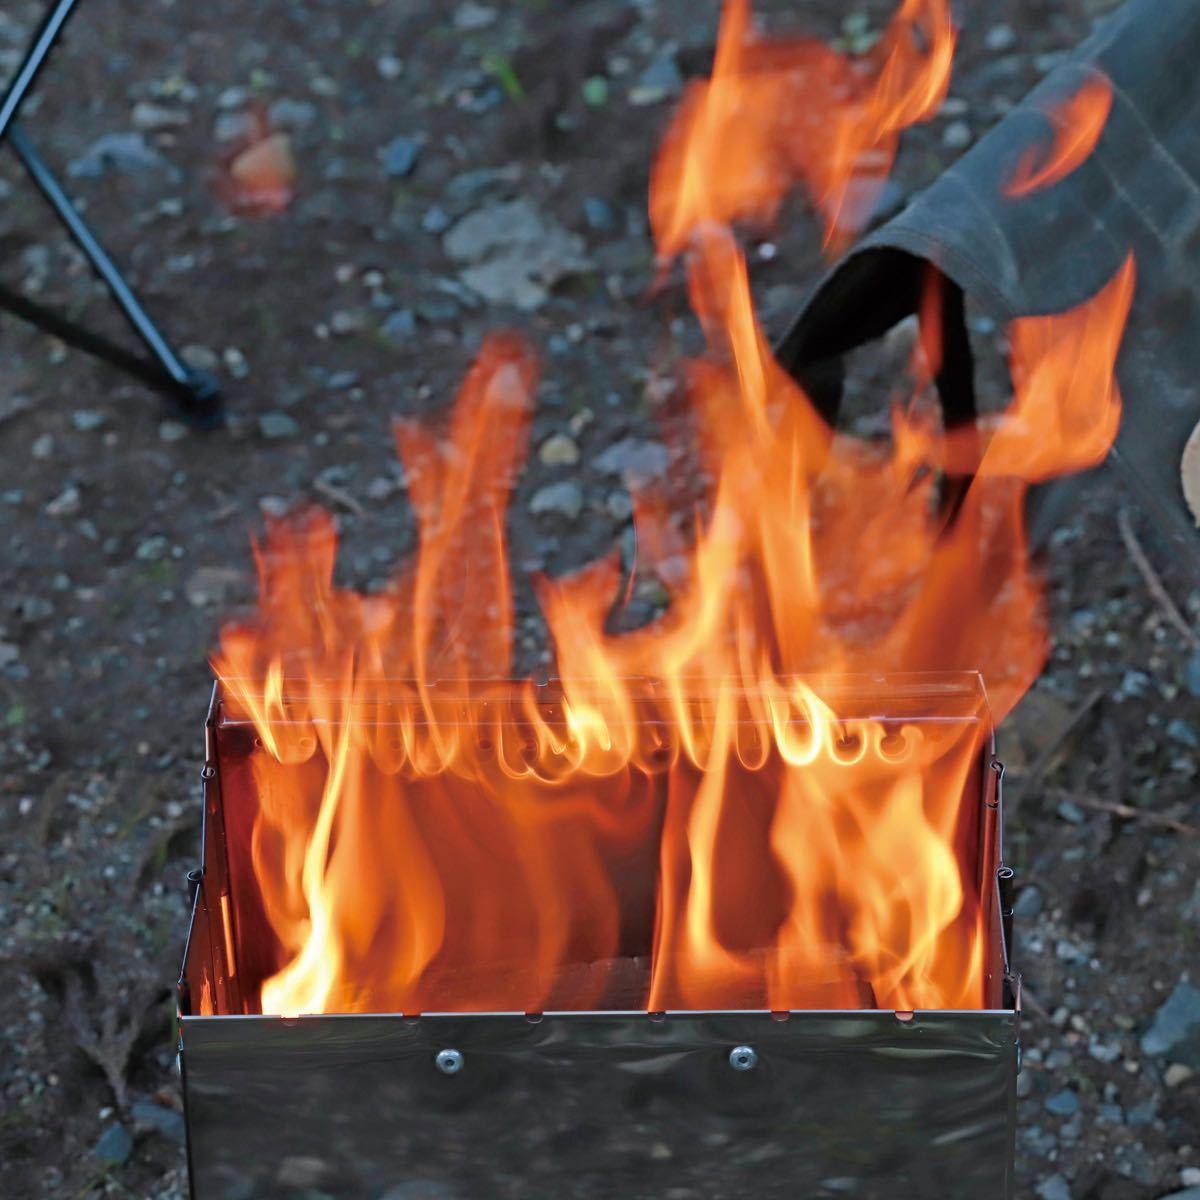 キャプテンスタッグ(CAPTAIN STAG) ファイアブーストストーブ 焚火台 二次燃焼 ステンレス 収納バッグ付き UG-82